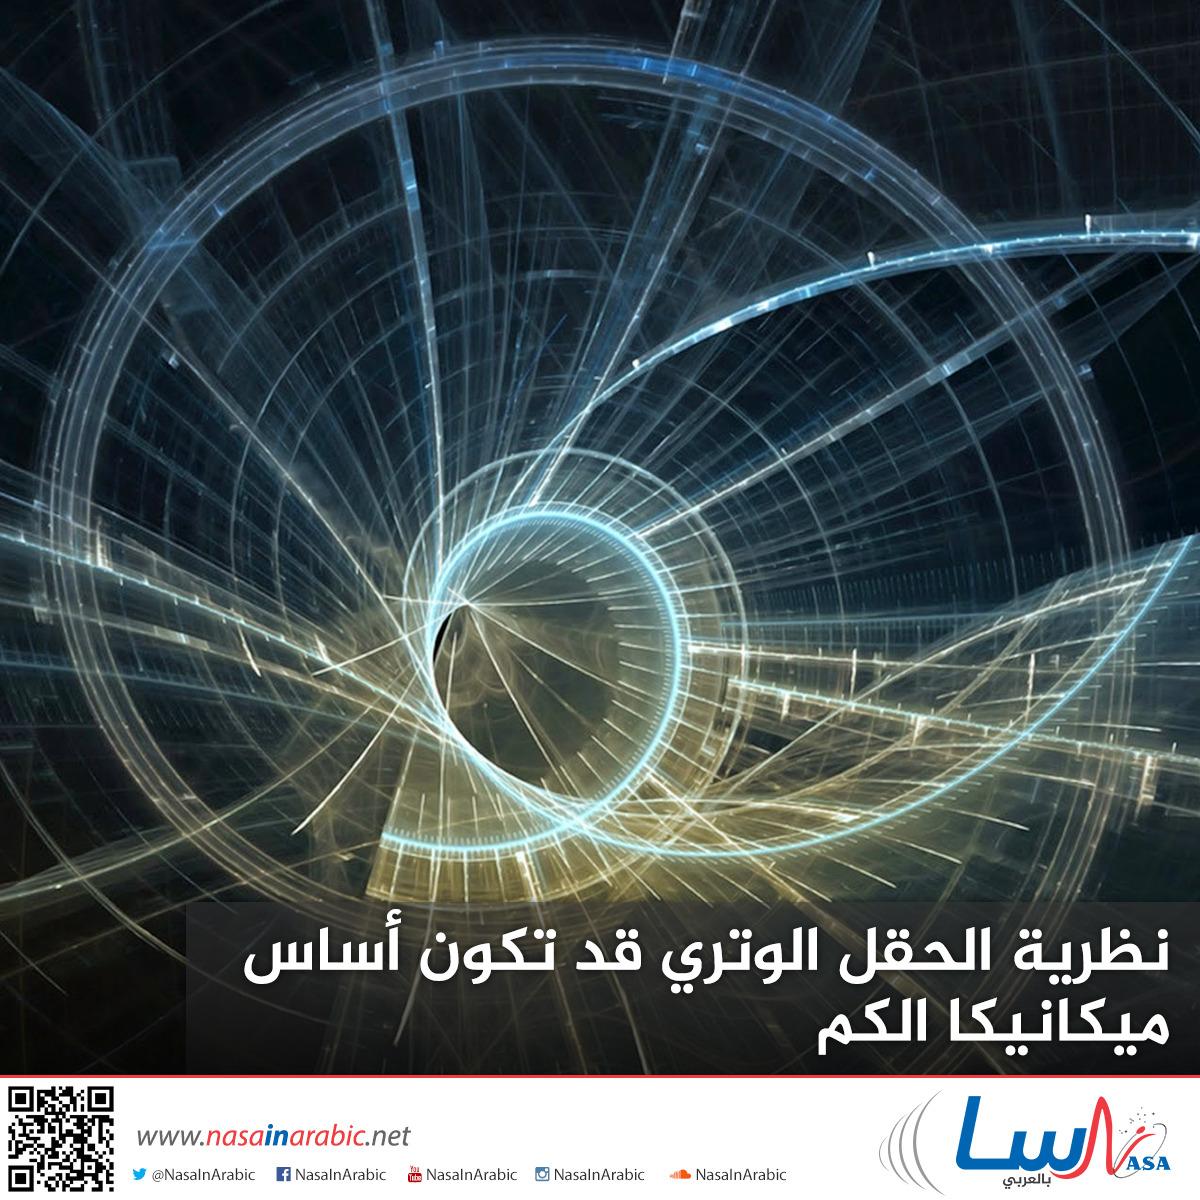 نظرية الحقل الوتري قد تكون أساس ميكانيكا الكم